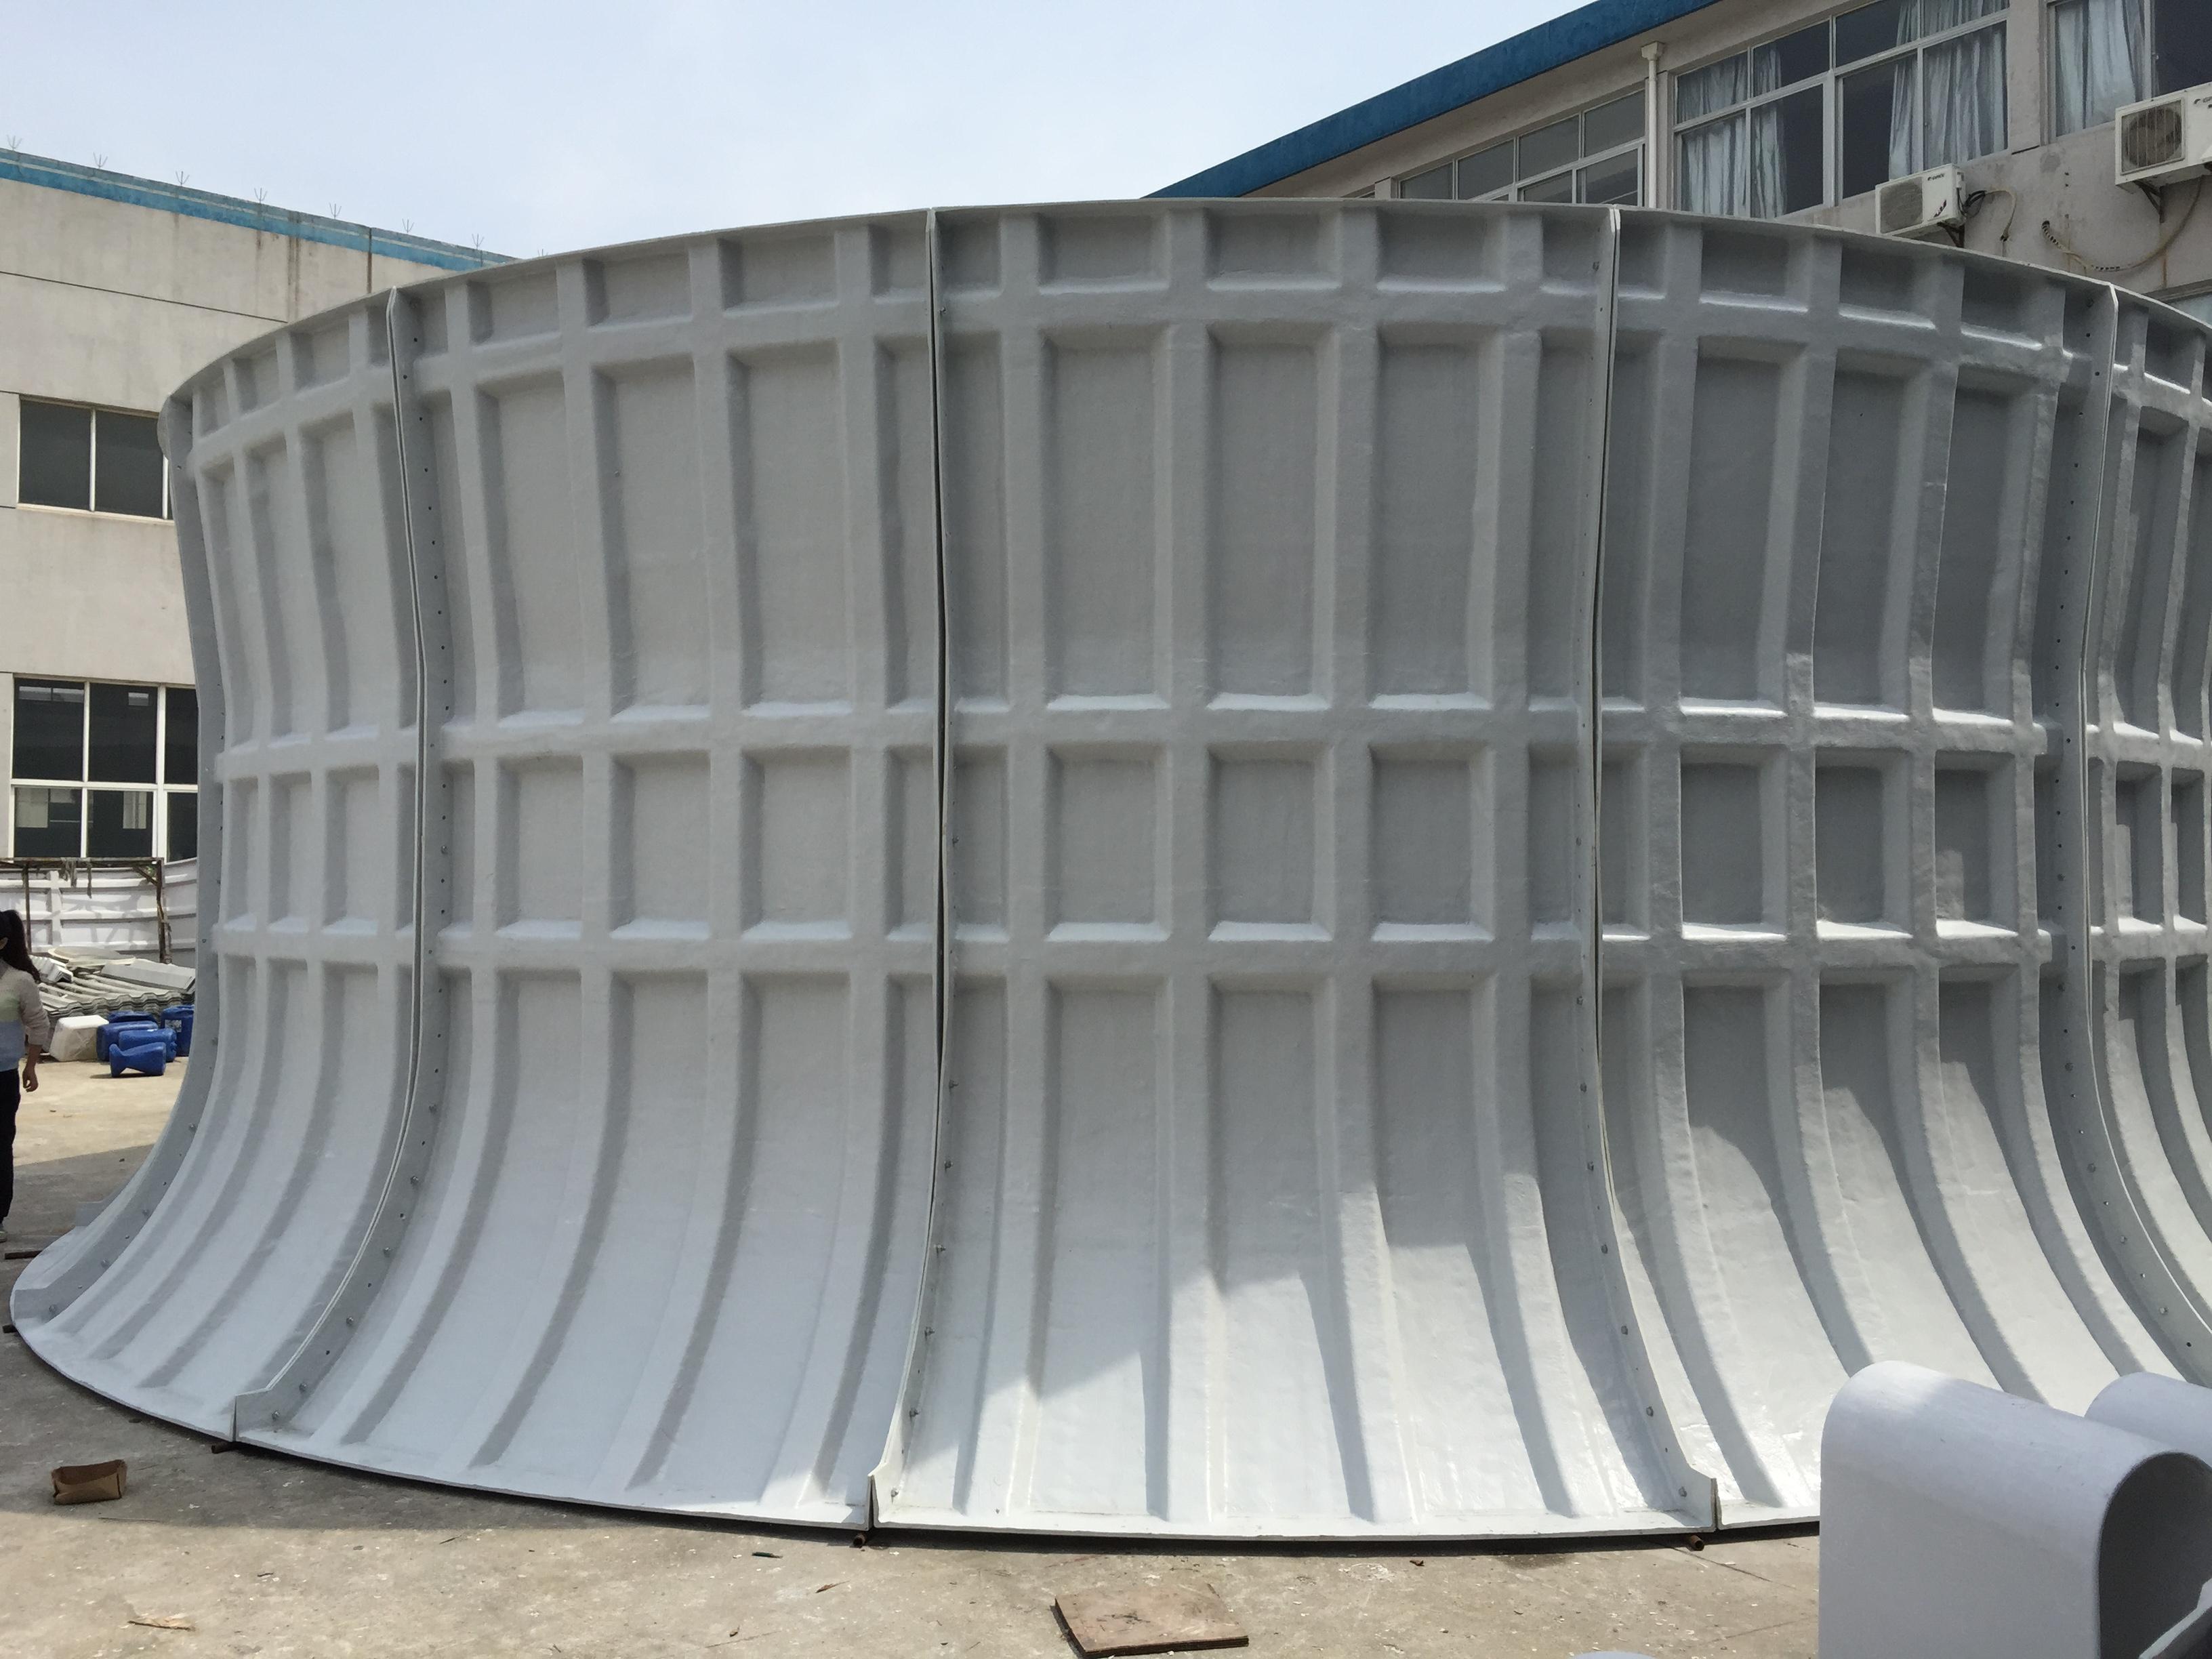 Comprar Pila de ventilador de fibra de vidrio, Pila de ventilador de fibra de vidrio Precios, Pila de ventilador de fibra de vidrio Marcas, Pila de ventilador de fibra de vidrio Fabricante, Pila de ventilador de fibra de vidrio Citas, Pila de ventilador de fibra de vidrio Empresa.